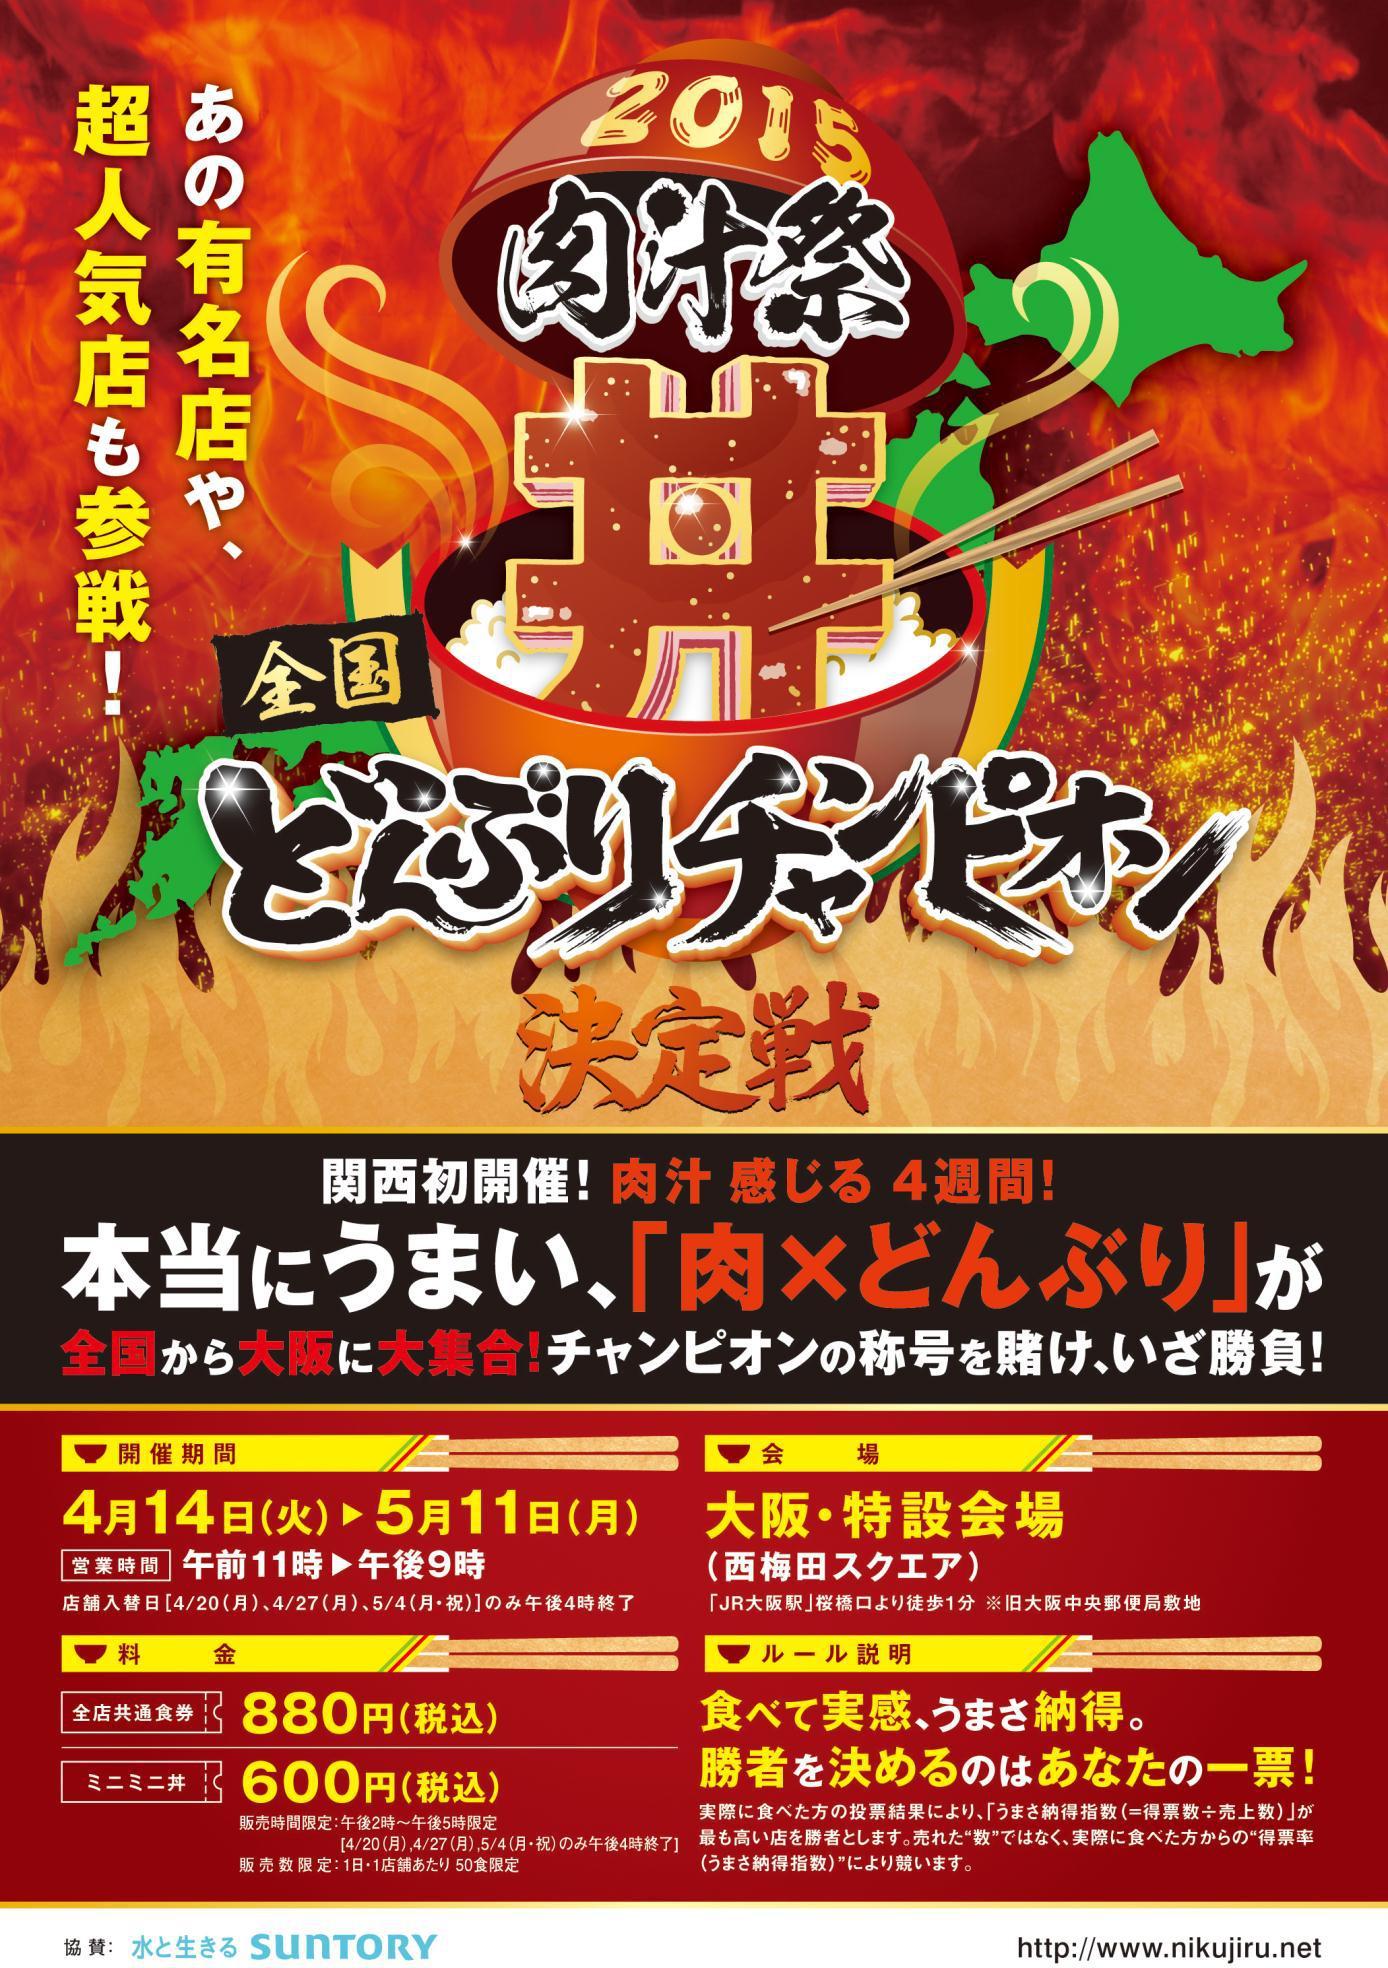 『2015 肉汁祭 全国どんぶりチャンピオン決定戦』が開催されます!! @西梅田スクエア